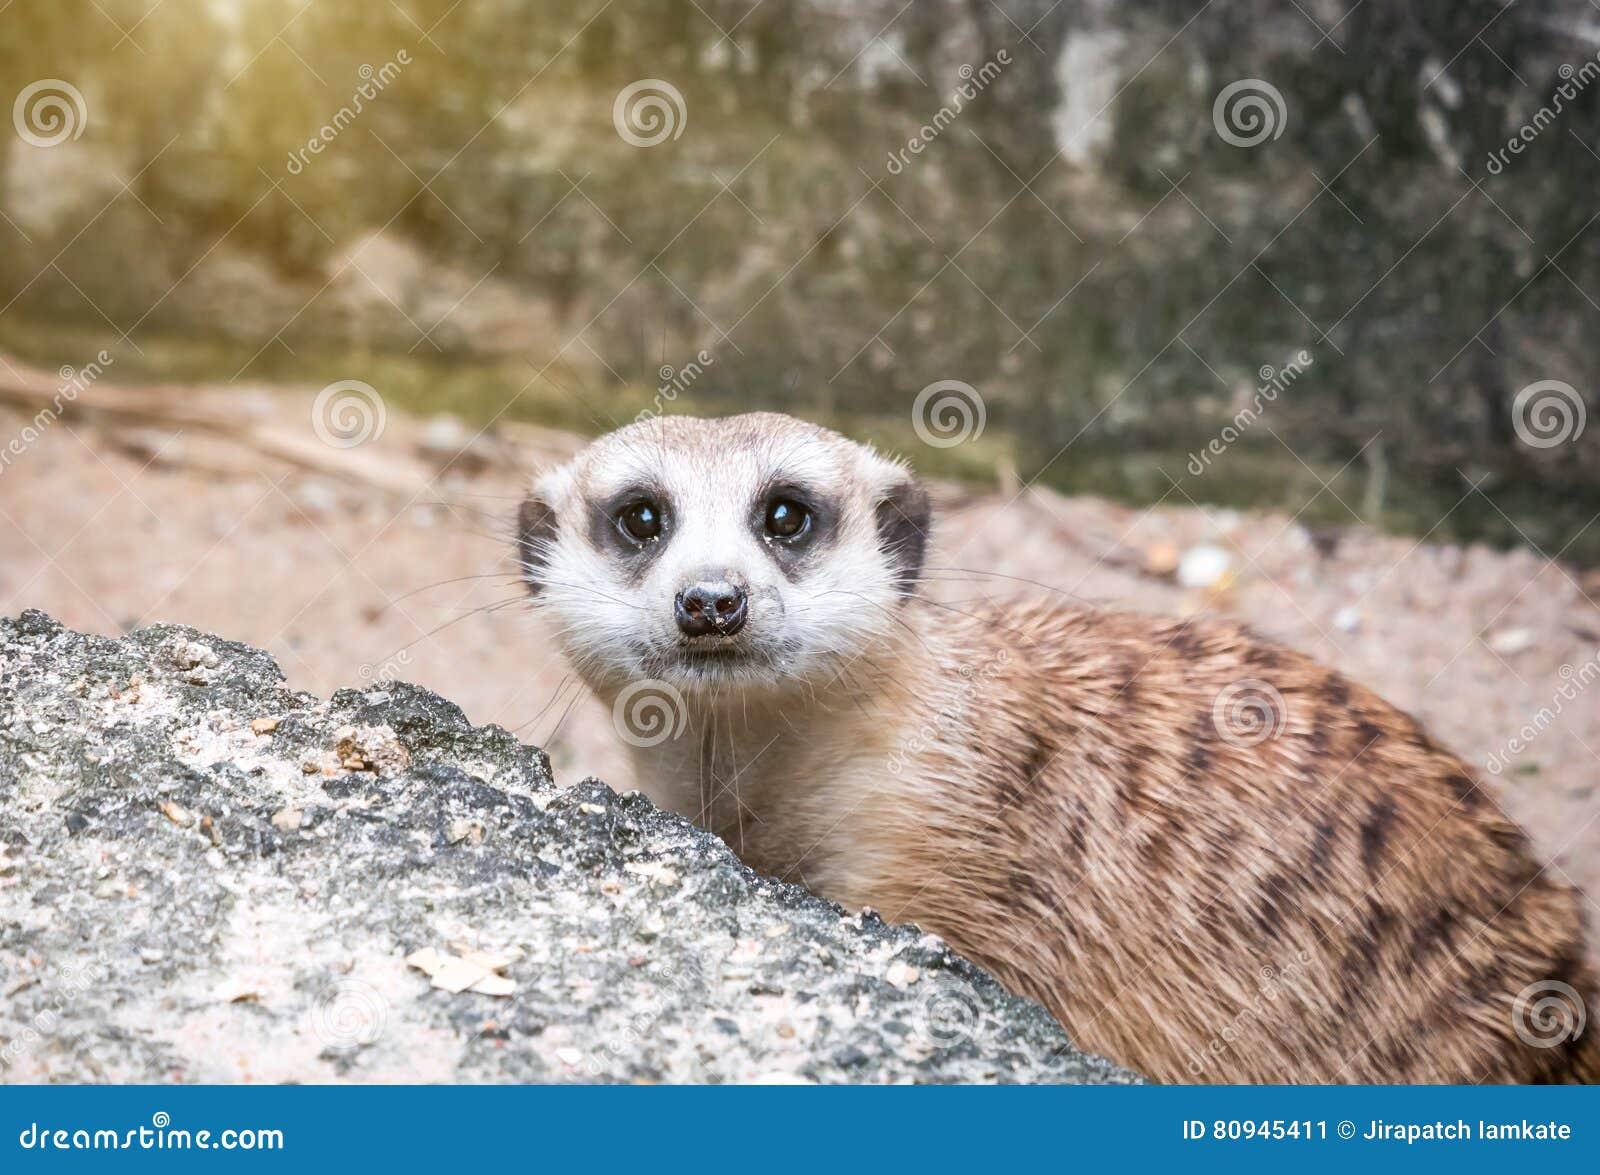 Meerkats looking gaurd